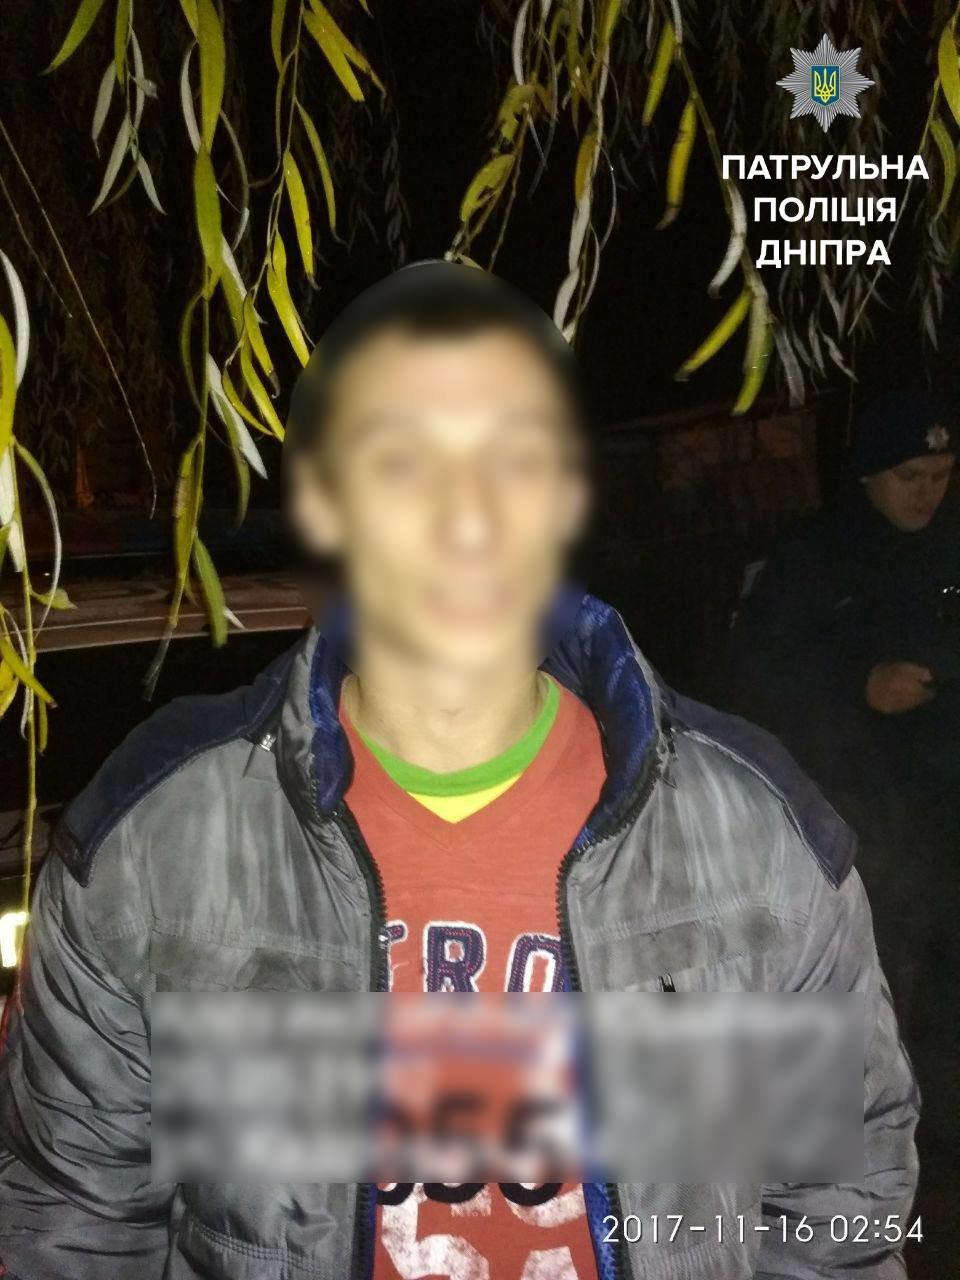 Днепровские копы задержали угонщиков мопеда (ФОТО), фото-2